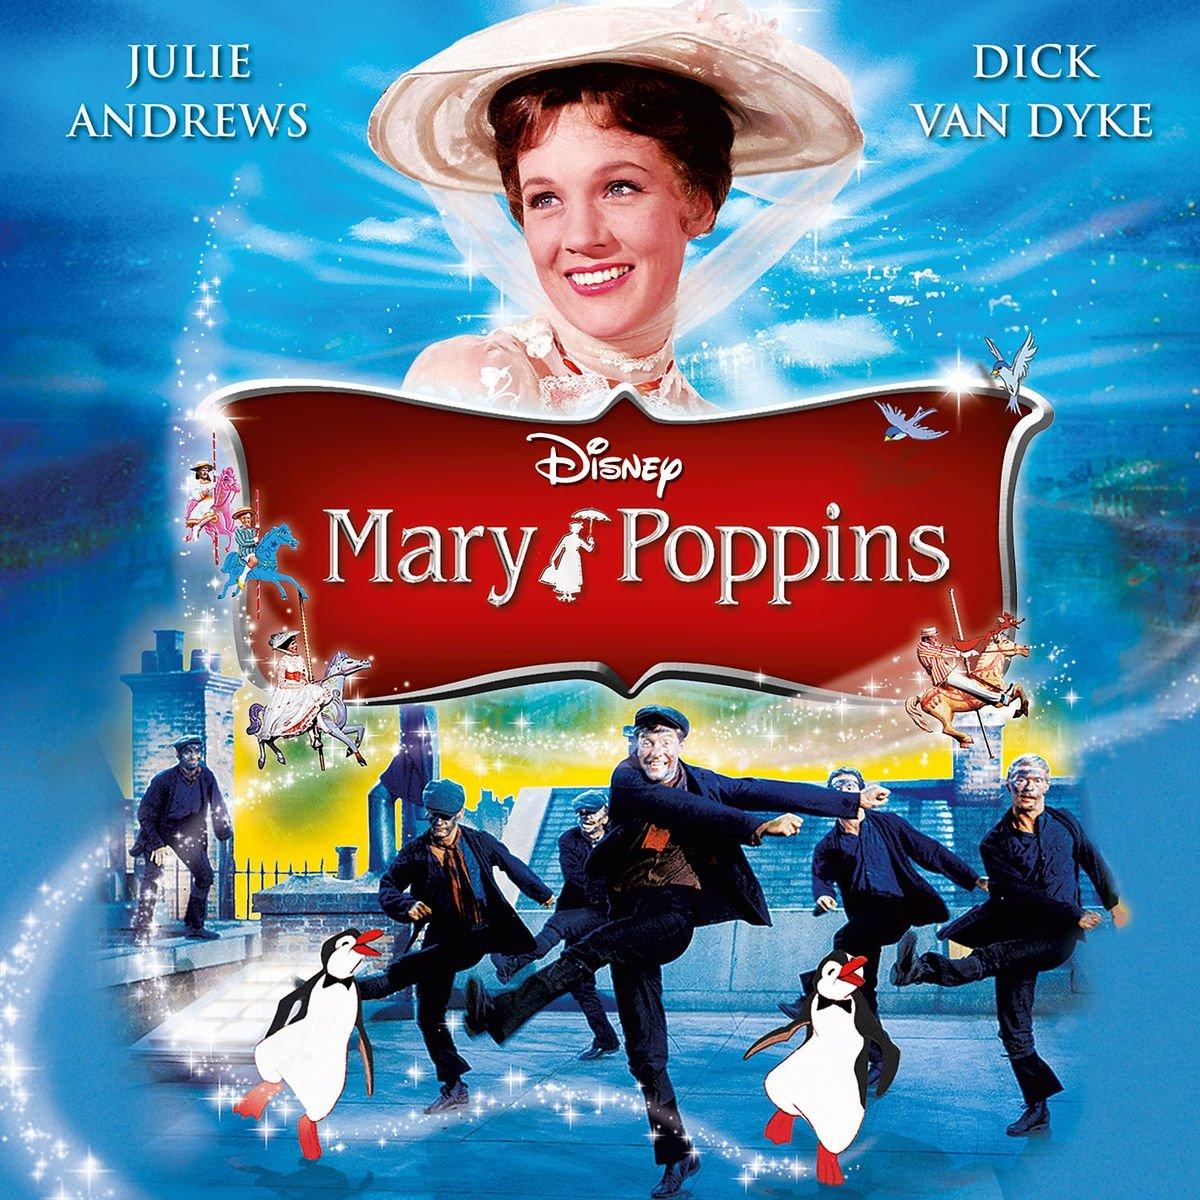 Amazon.com: MARY POPPINS-DEUTSCHER - OST (0050087395889): Books